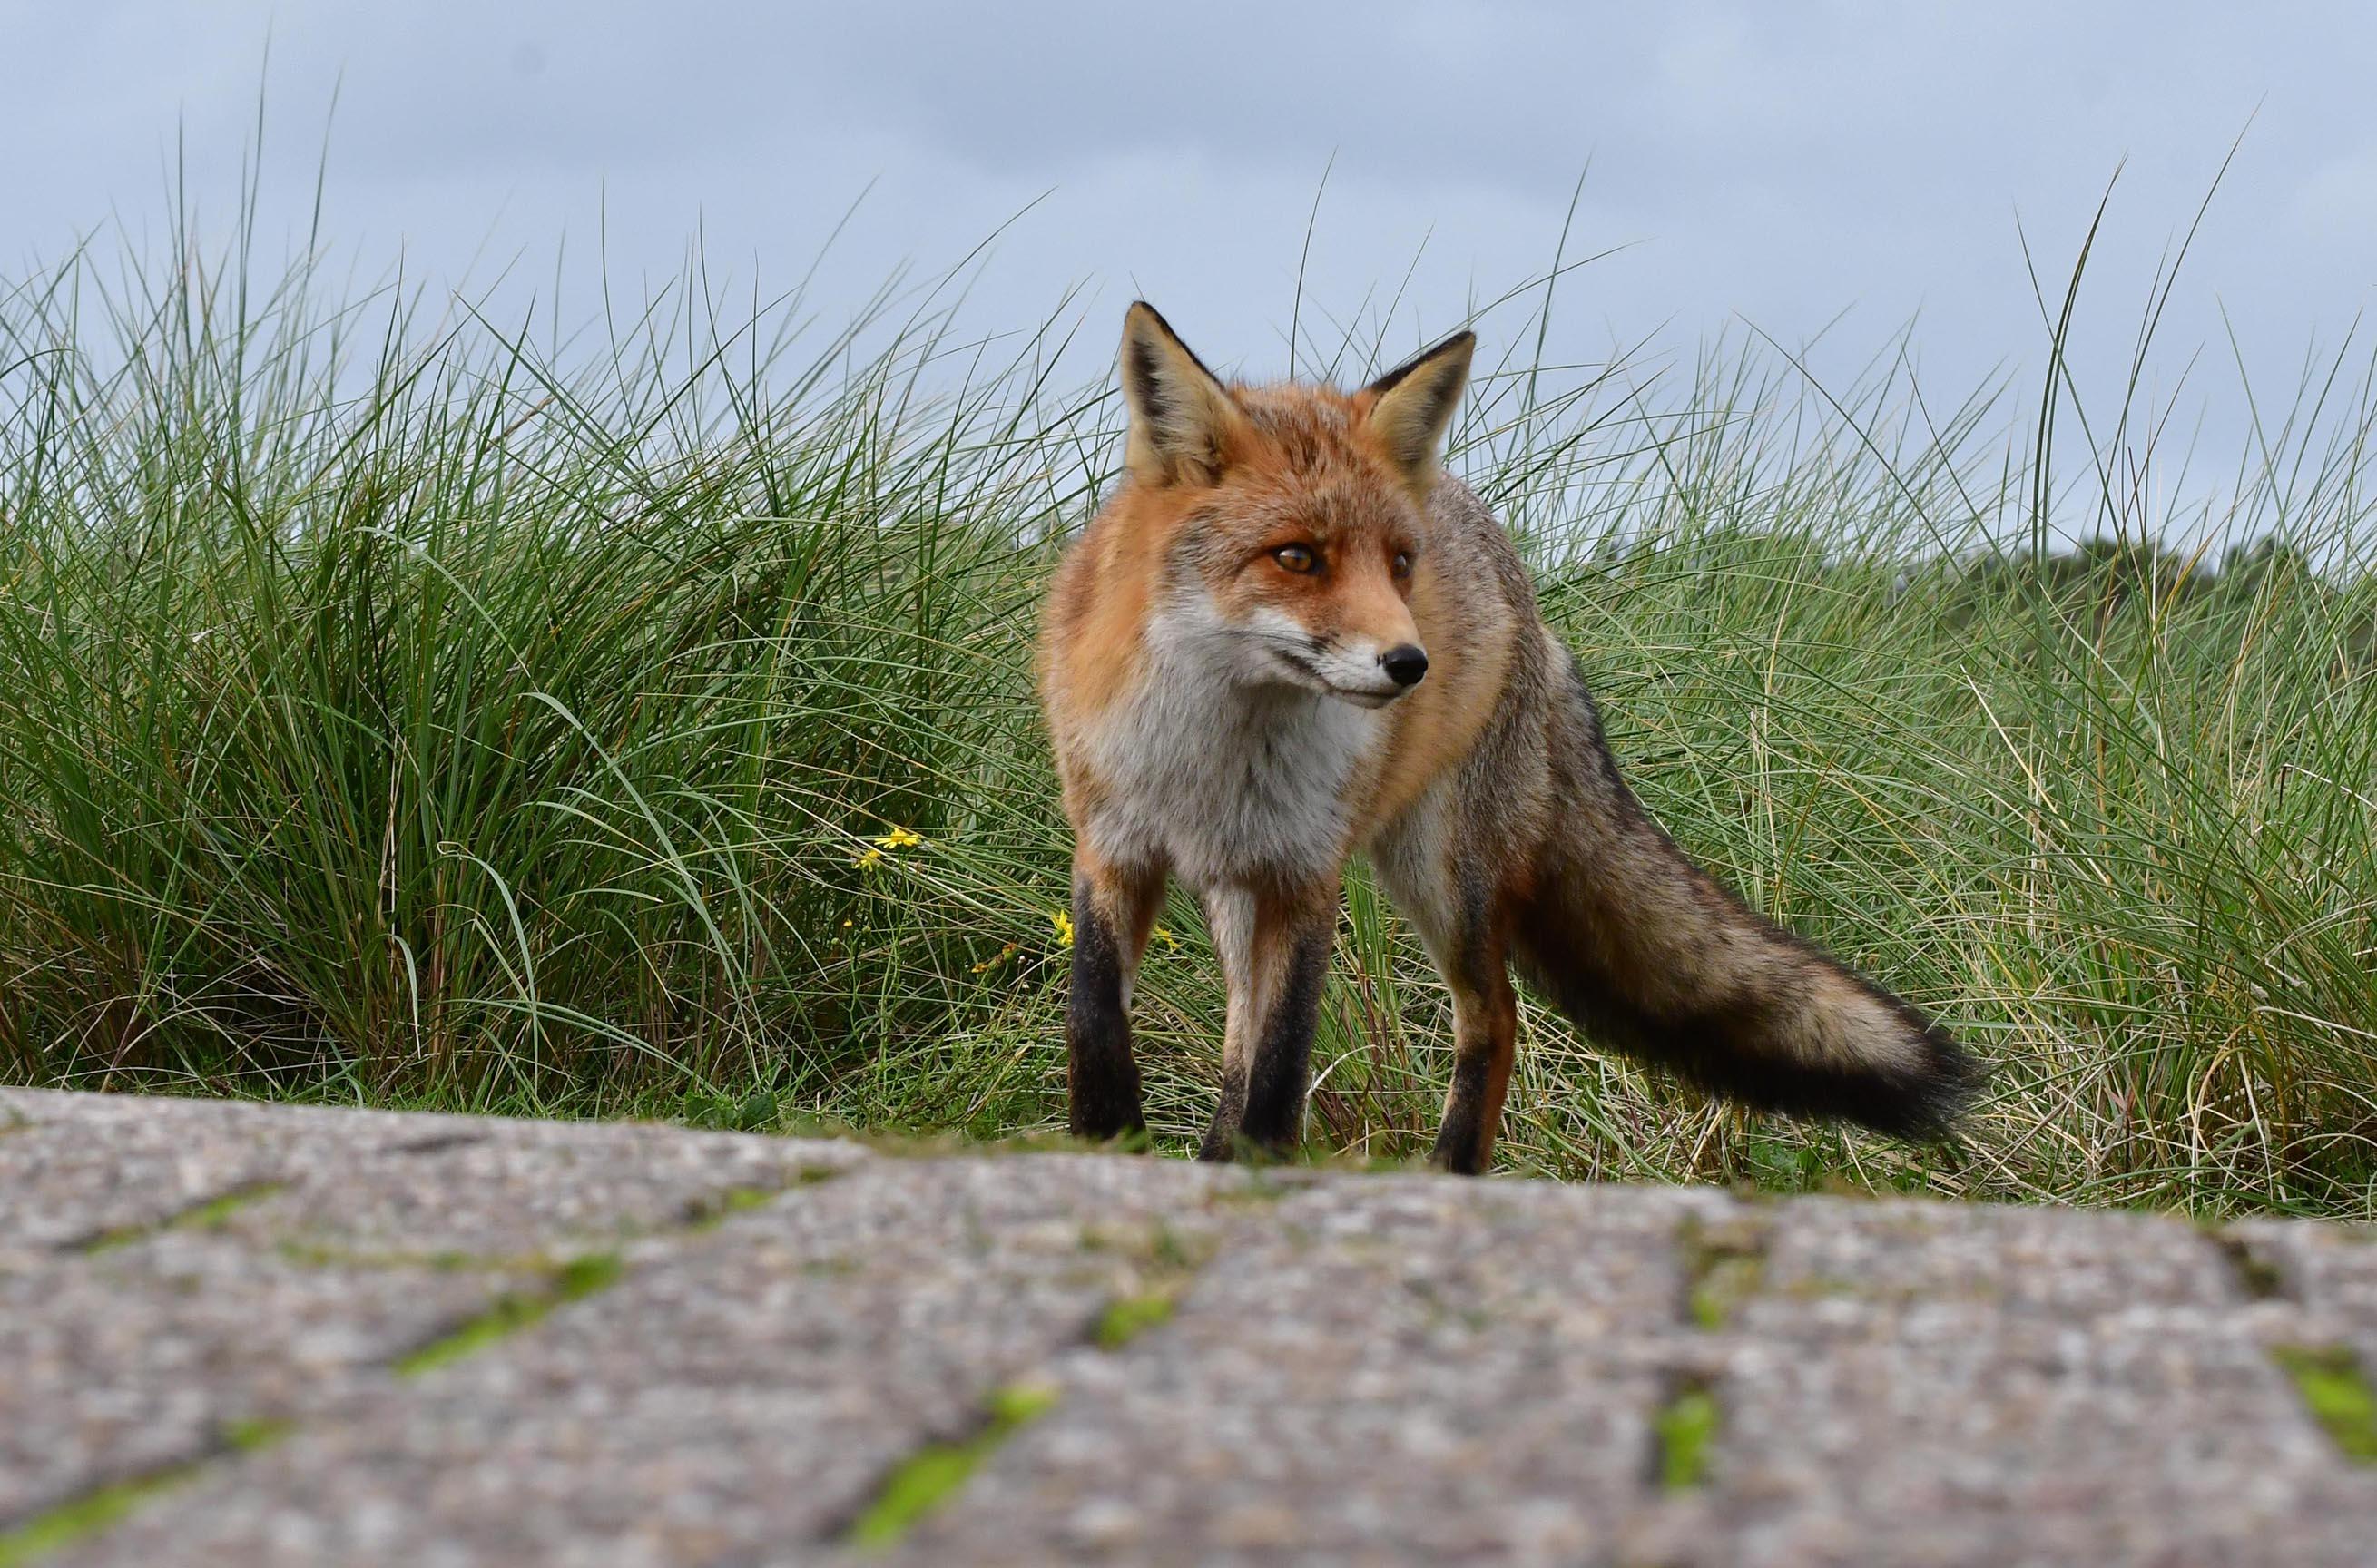 Vanuit het hoge gras kwam een vos aanlopen - Foto: ©Louis Fraanje